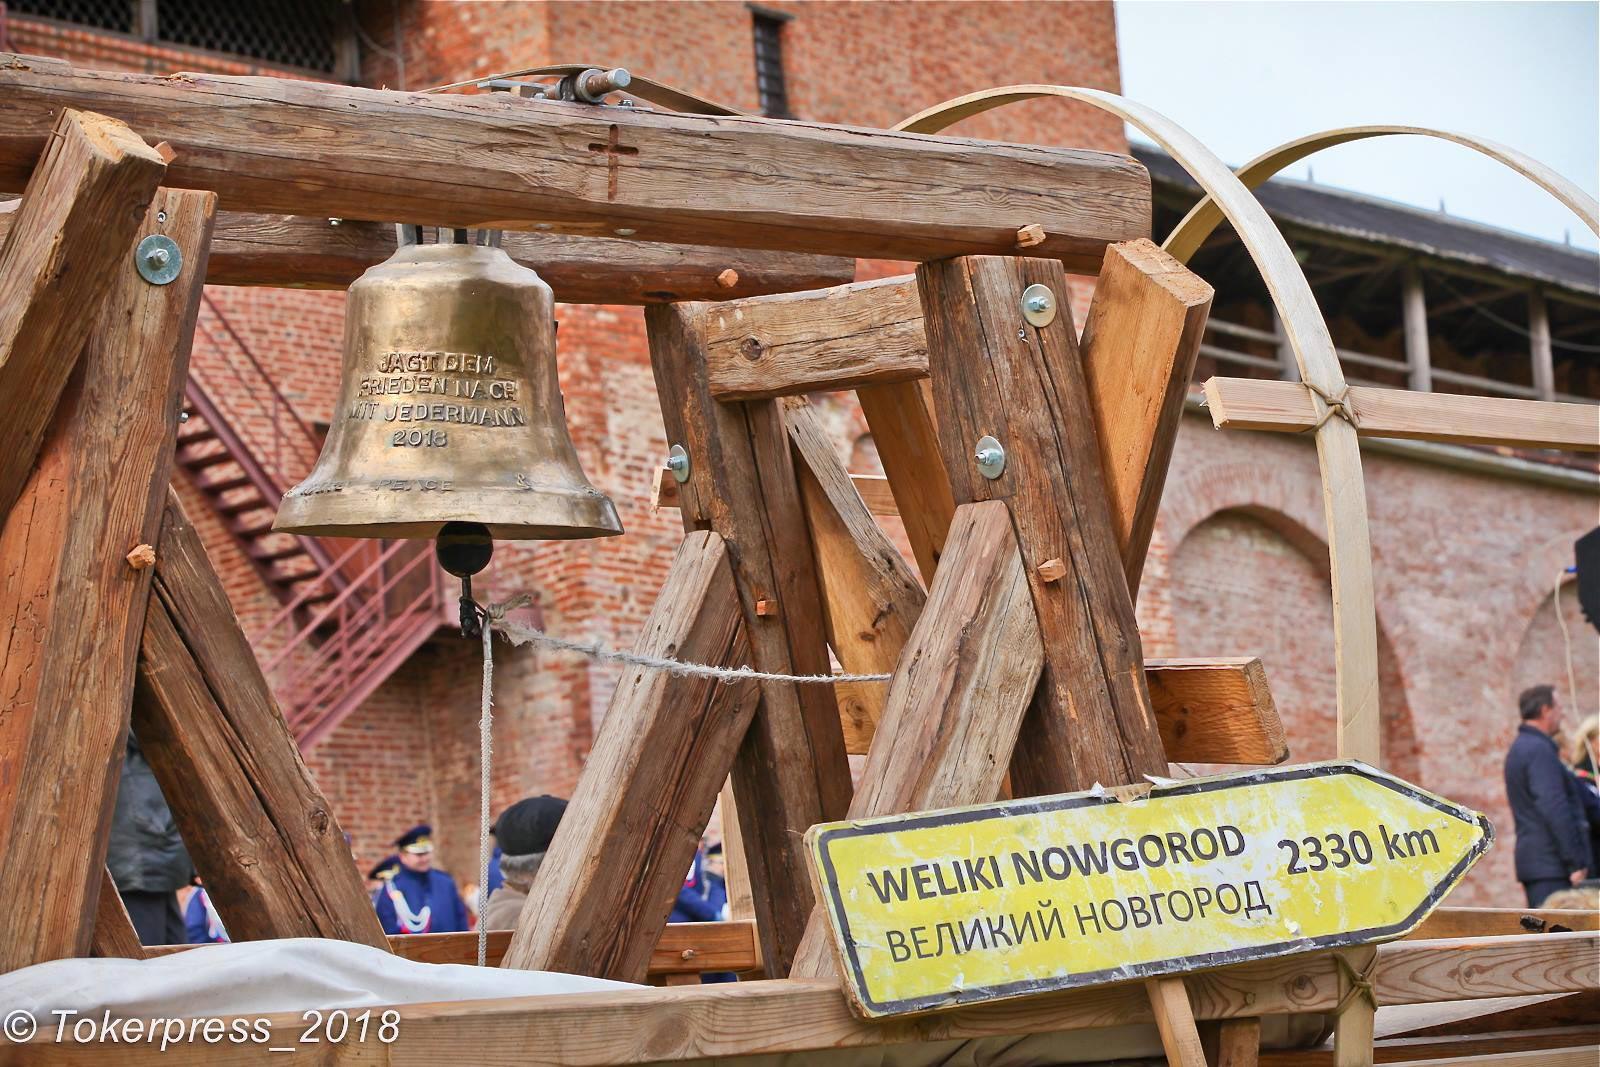 Titanen on tour - die Glocke im Kreml von Nowgorod